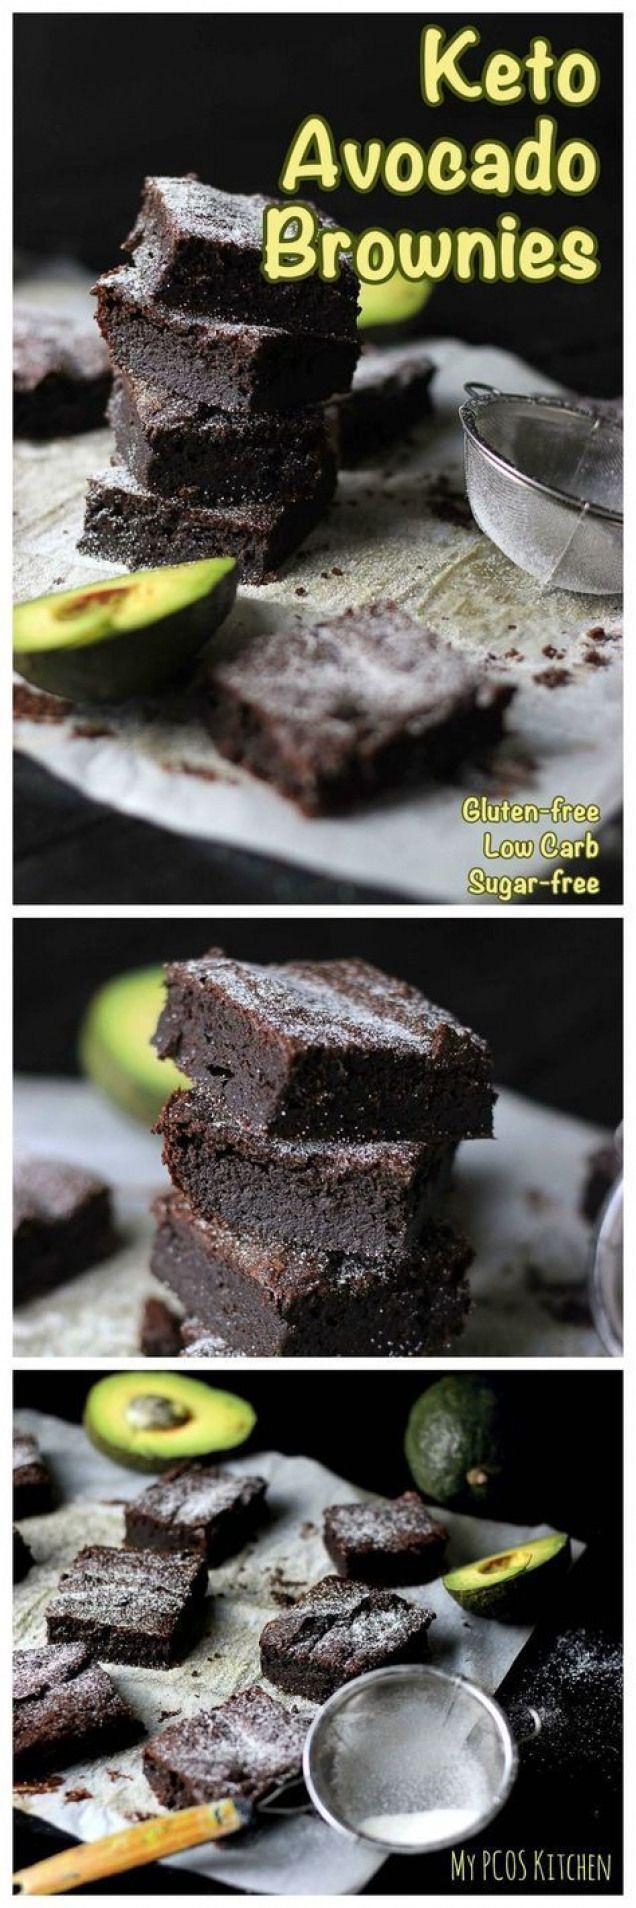 My PCOS Kitchen - Keto Avocado Brownies - Diese schokoladigen Brownies sind ... -